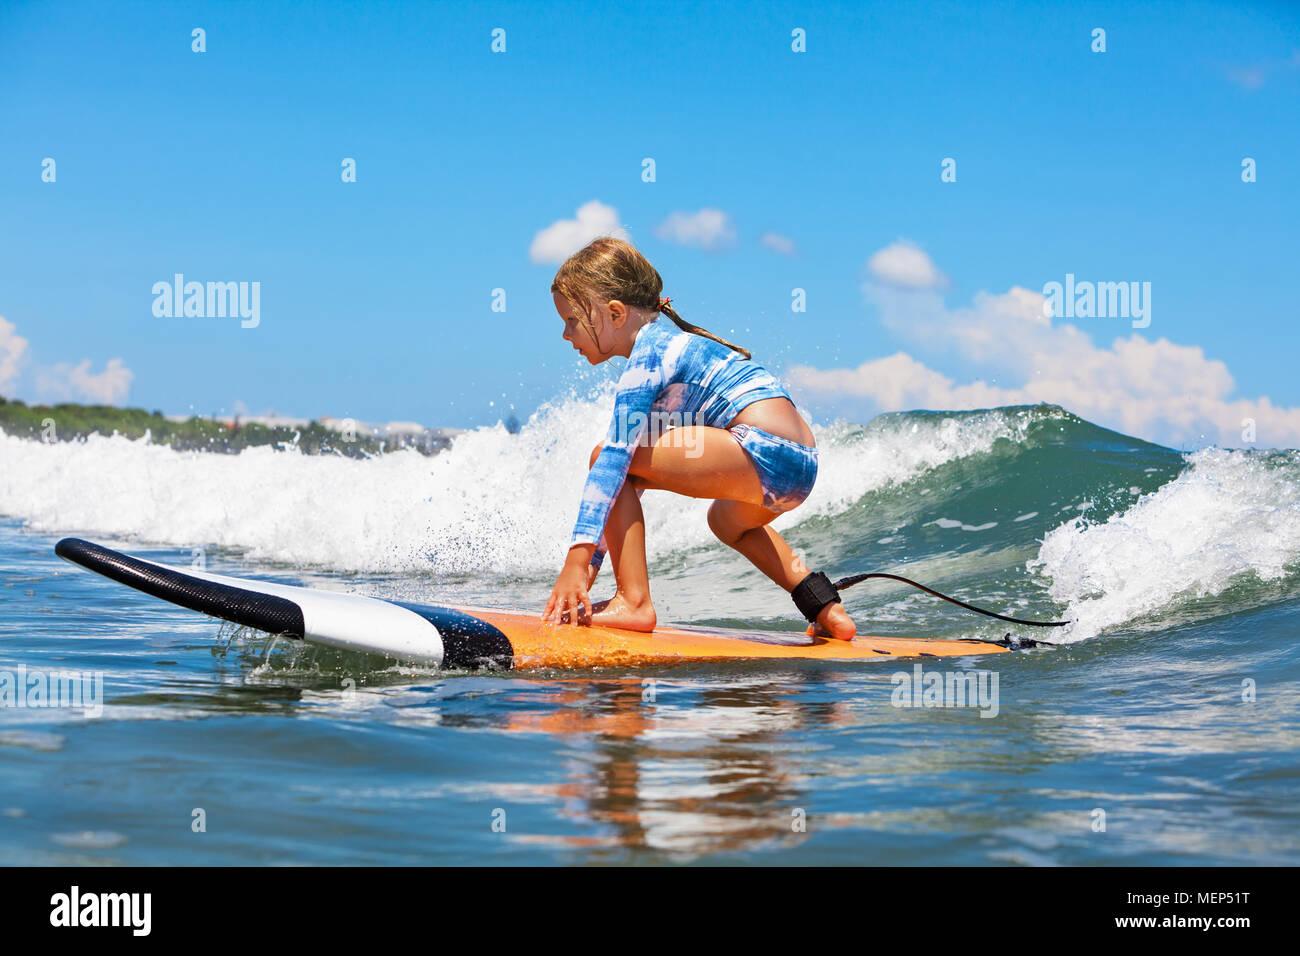 Happy Baby girl. giovani surfer corsa sulla tavola da surf con divertimento sulle onde del mare. Attivo lo stile di vita della famiglia, bambini outdoor sport d'acqua e lezioni di nuoto Foto Stock